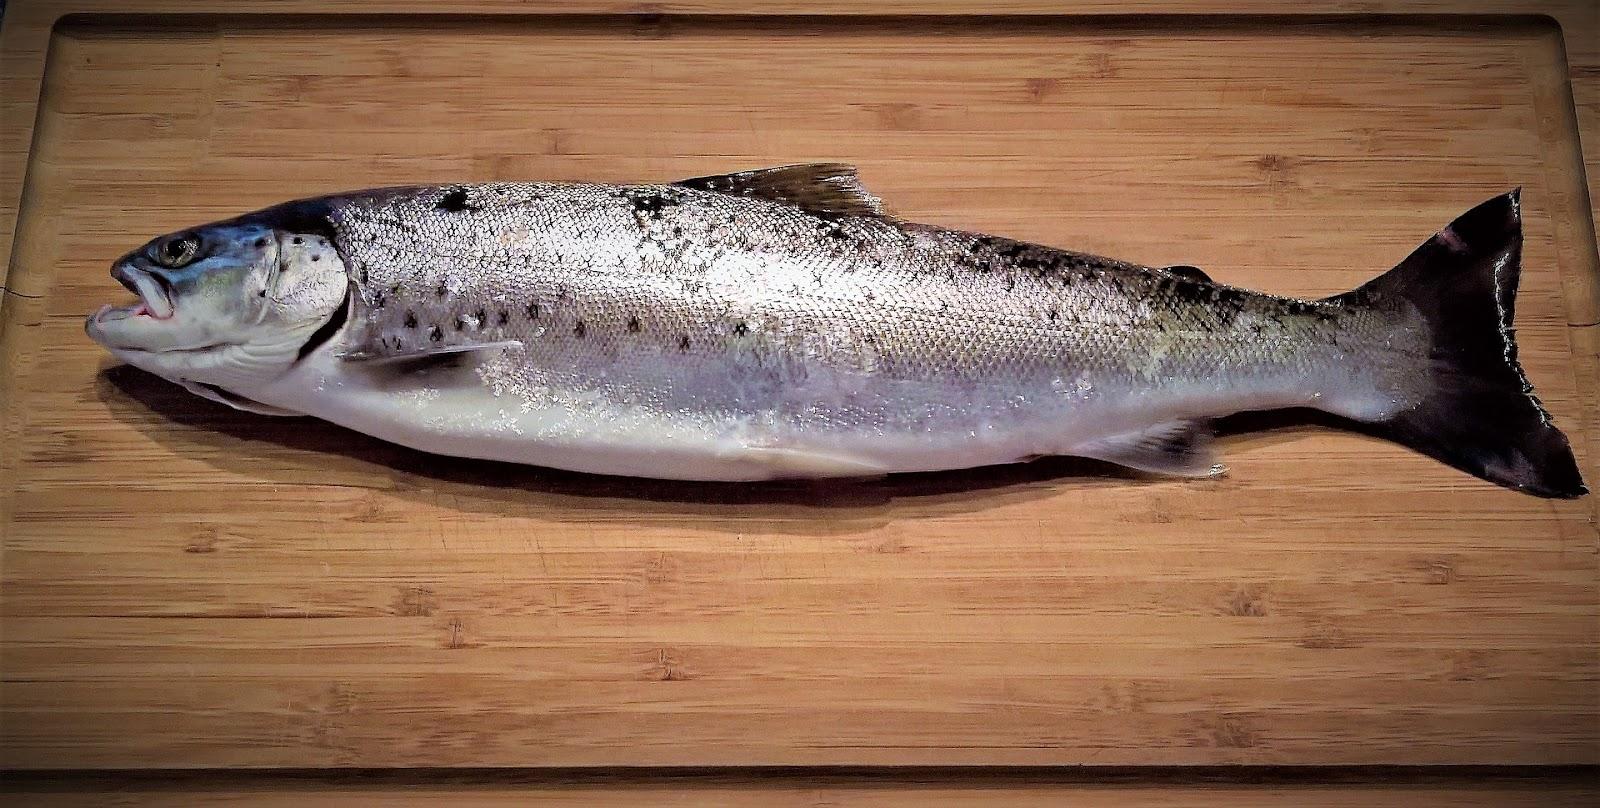 fish on cutting board